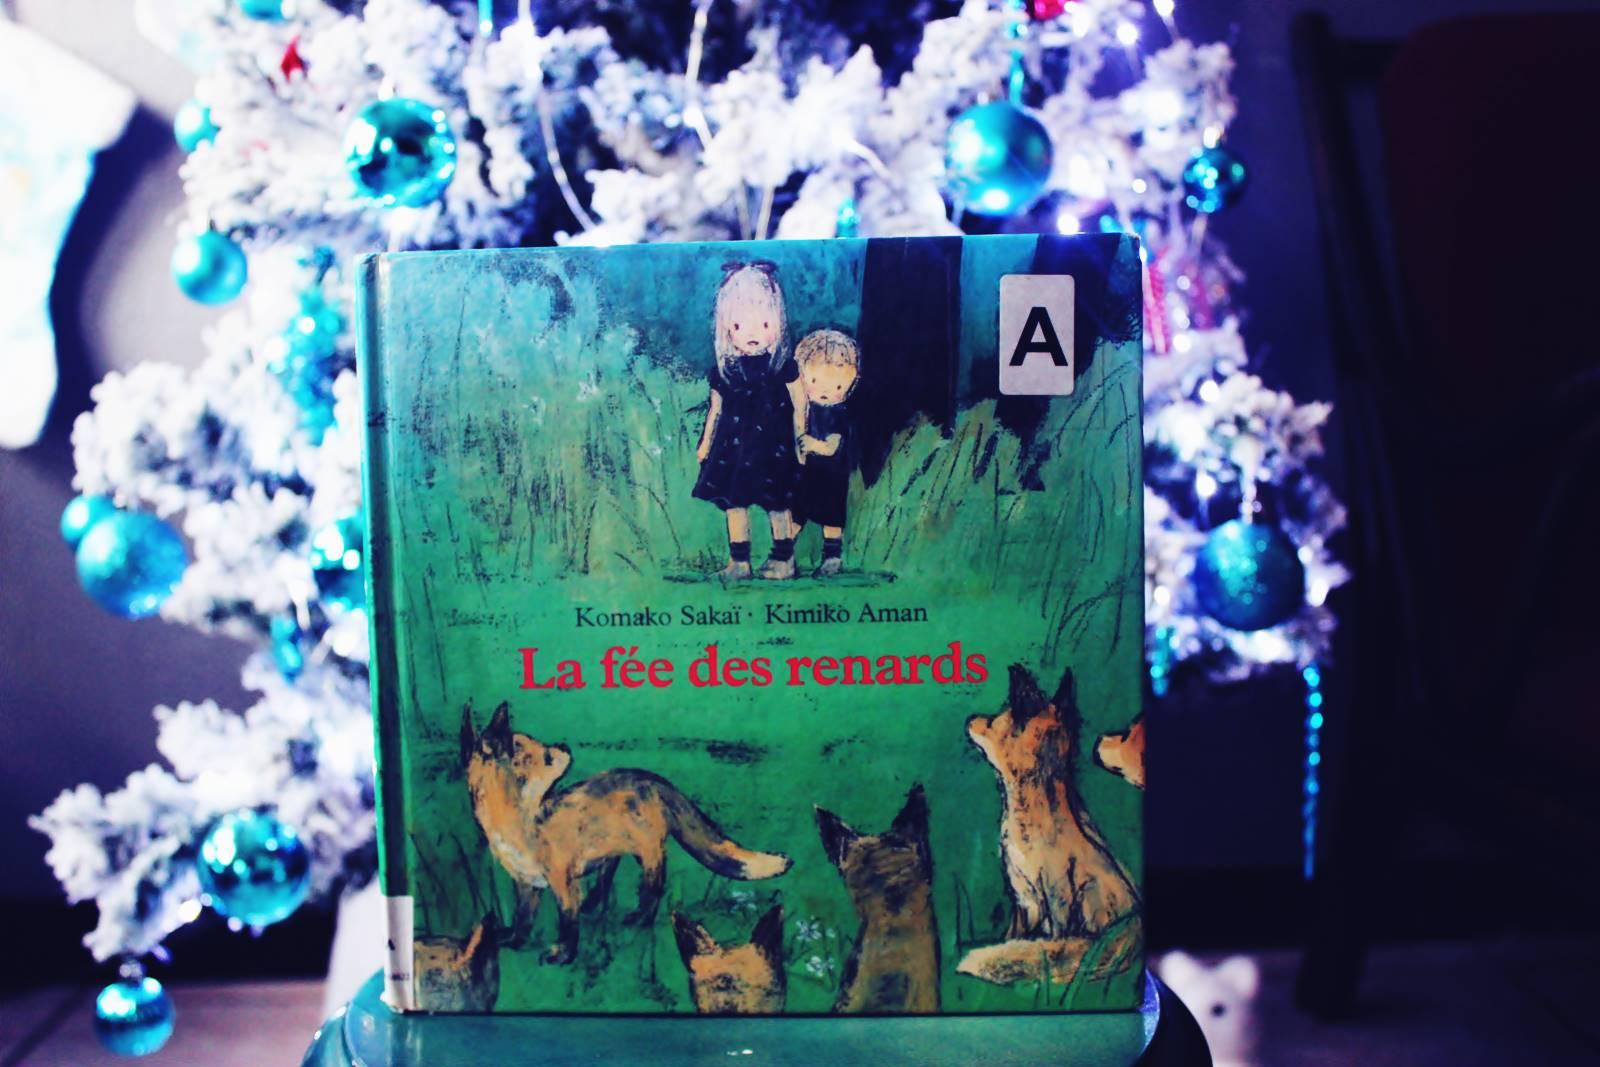 La fee des renards ecole des loisirs livre jeunesse